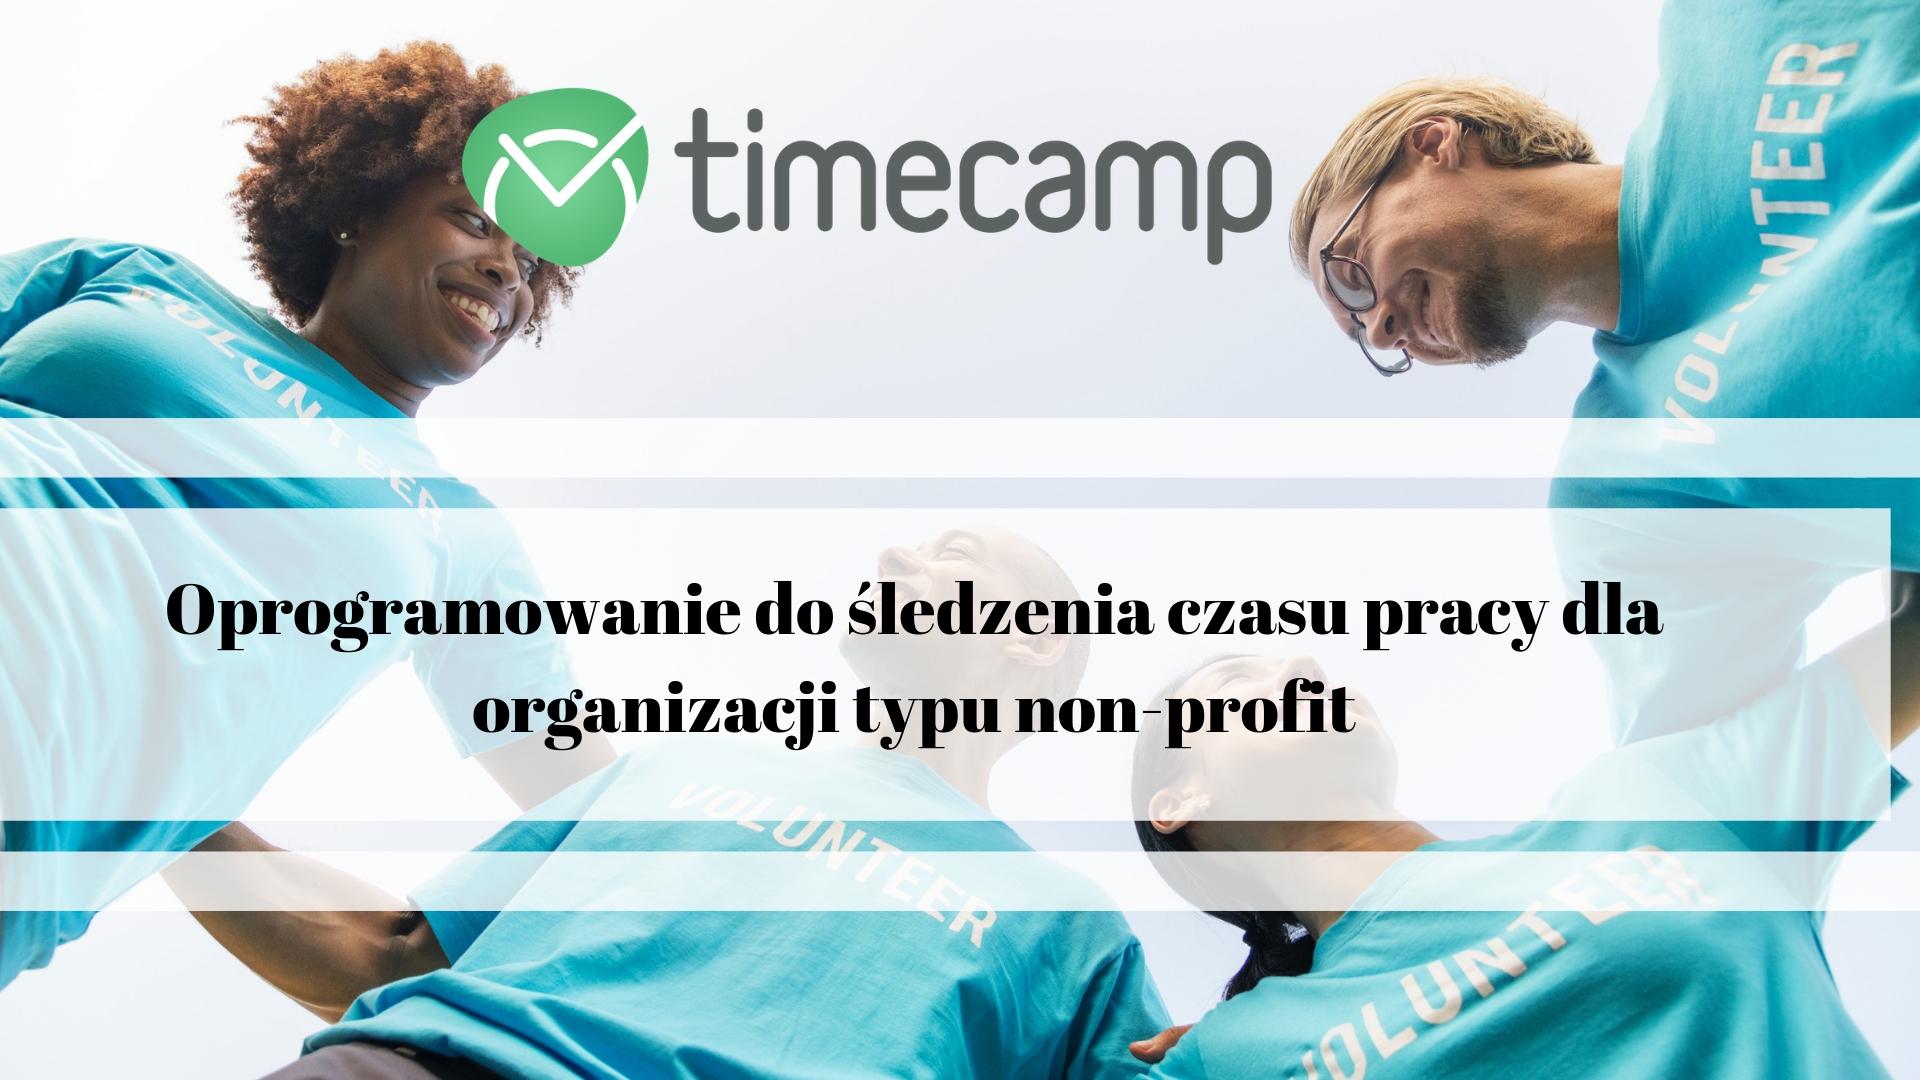 Oprogramowanie do śledzenia czasu pracy dla organizacji typu non-profit [Porównanie]